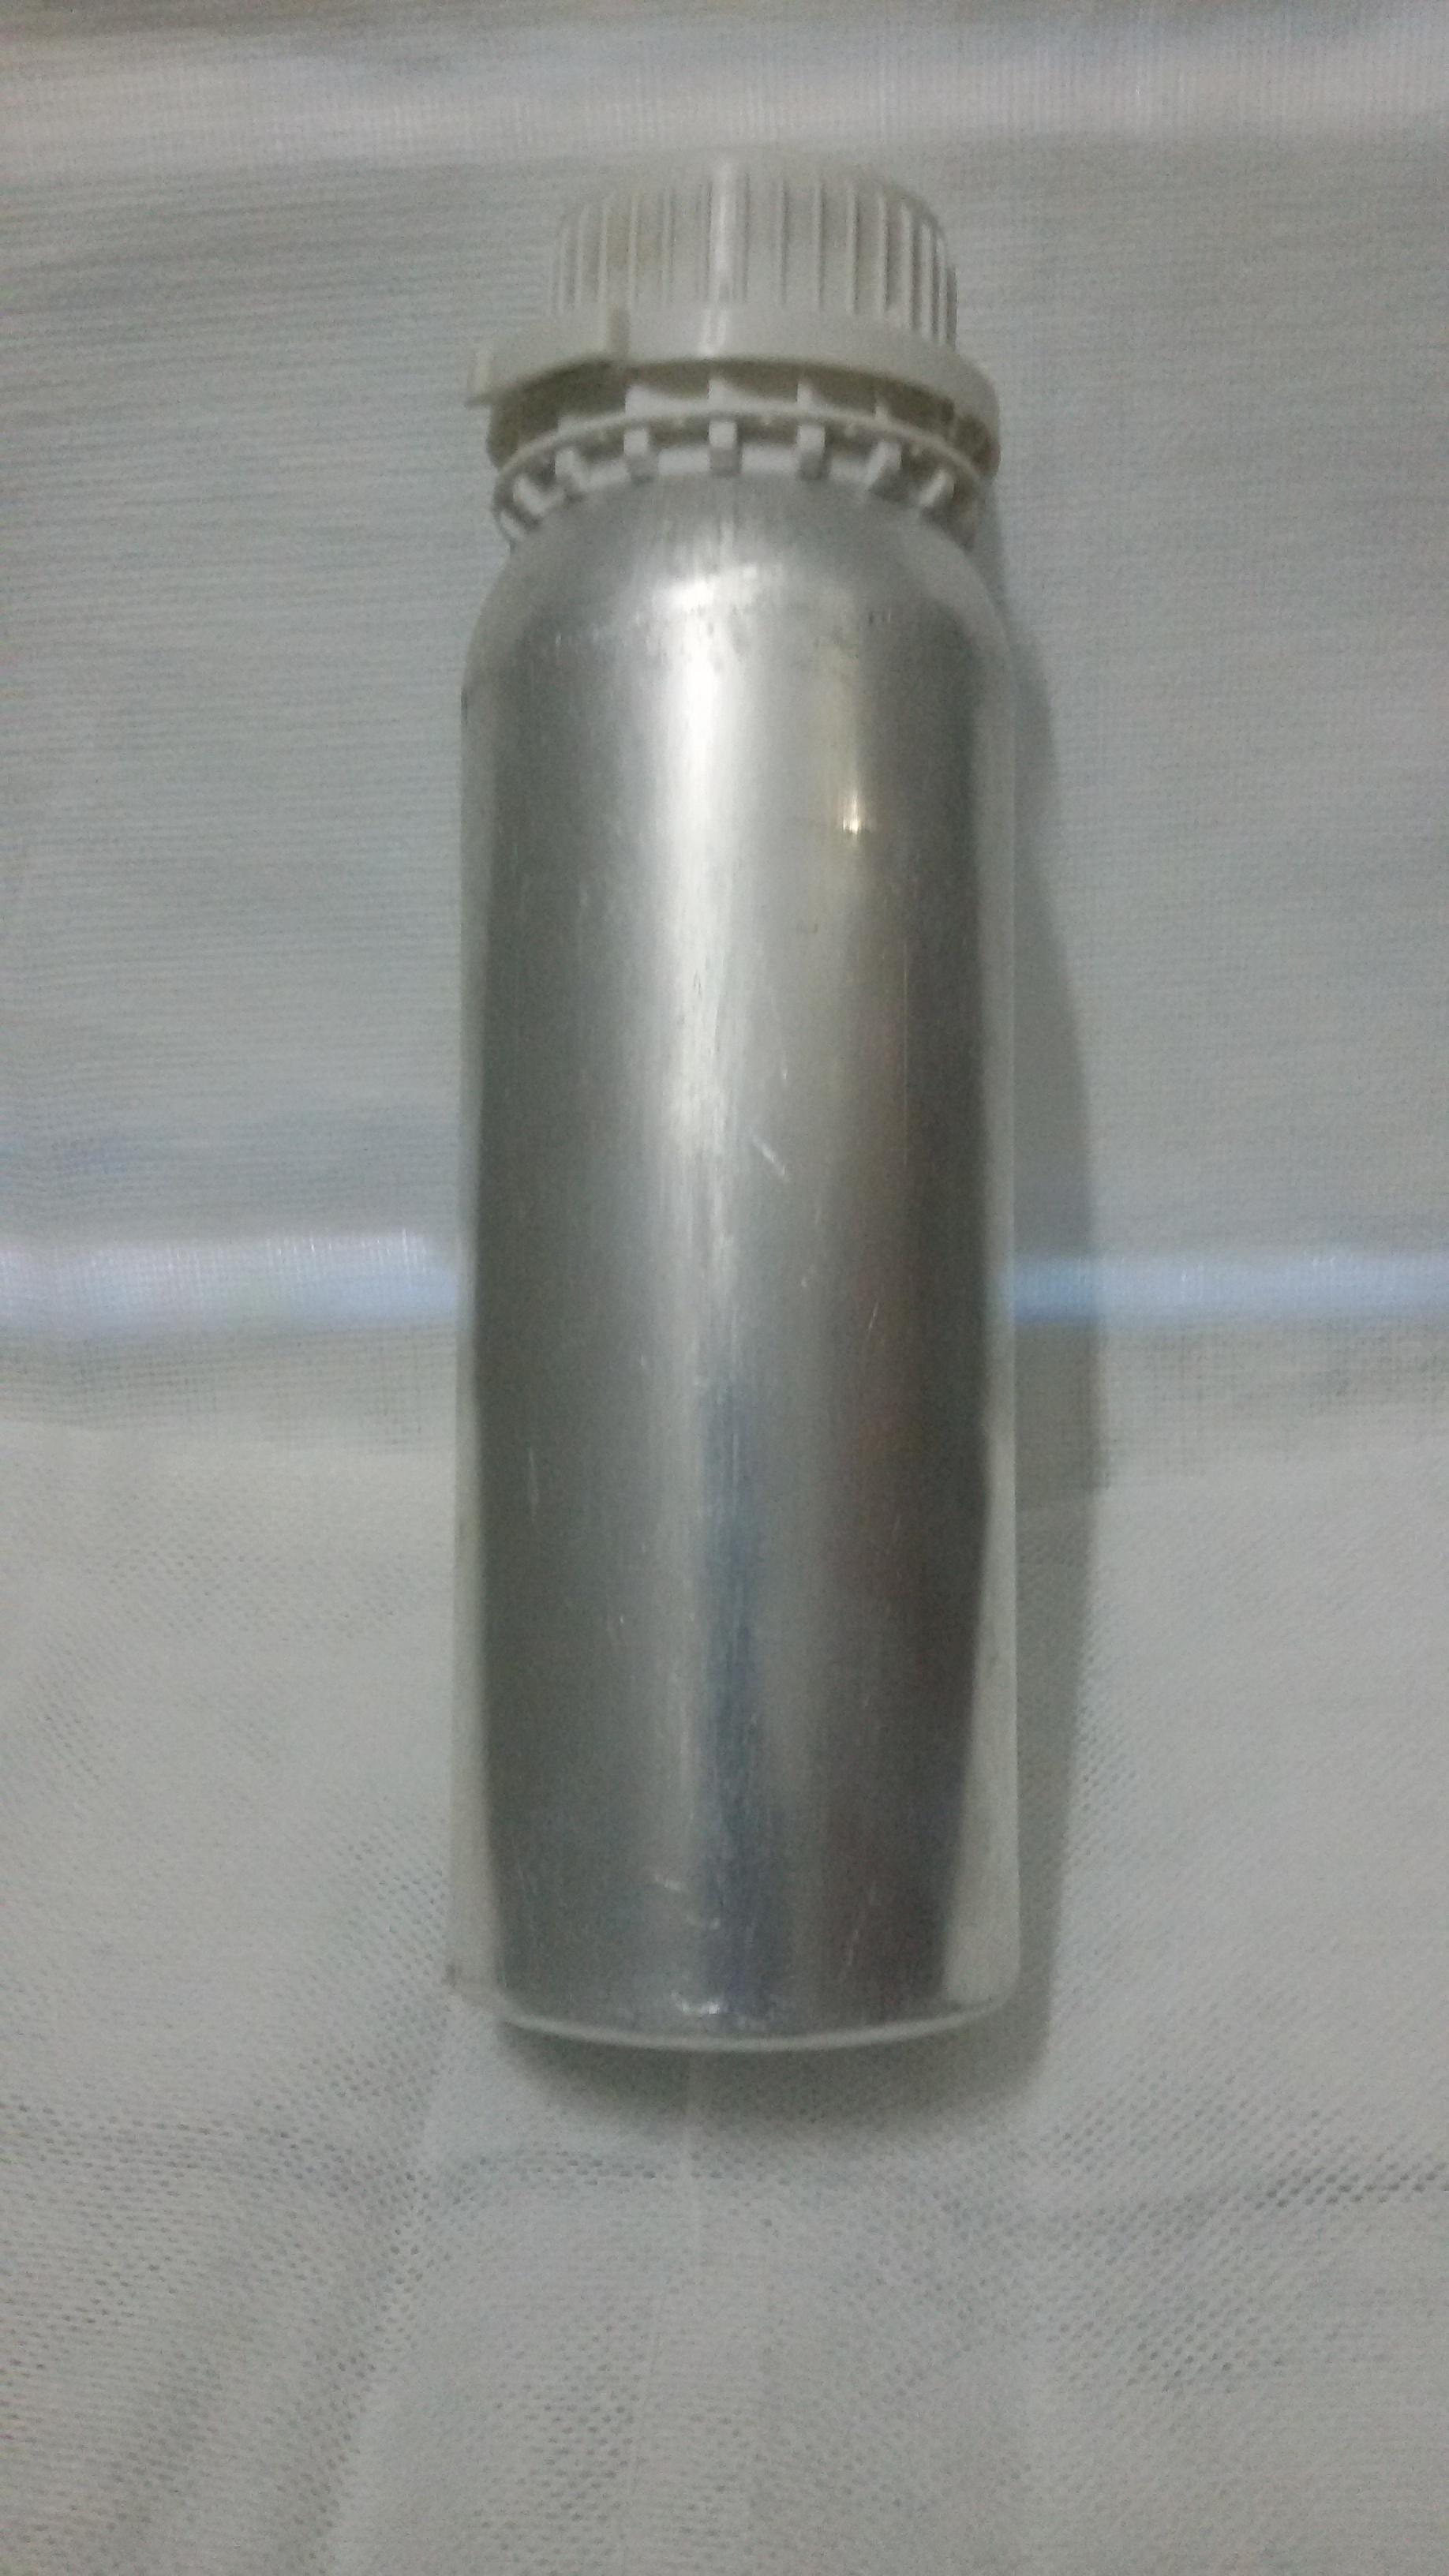 ขายขวดอลูมิเนียม ขนาด 500 ml.